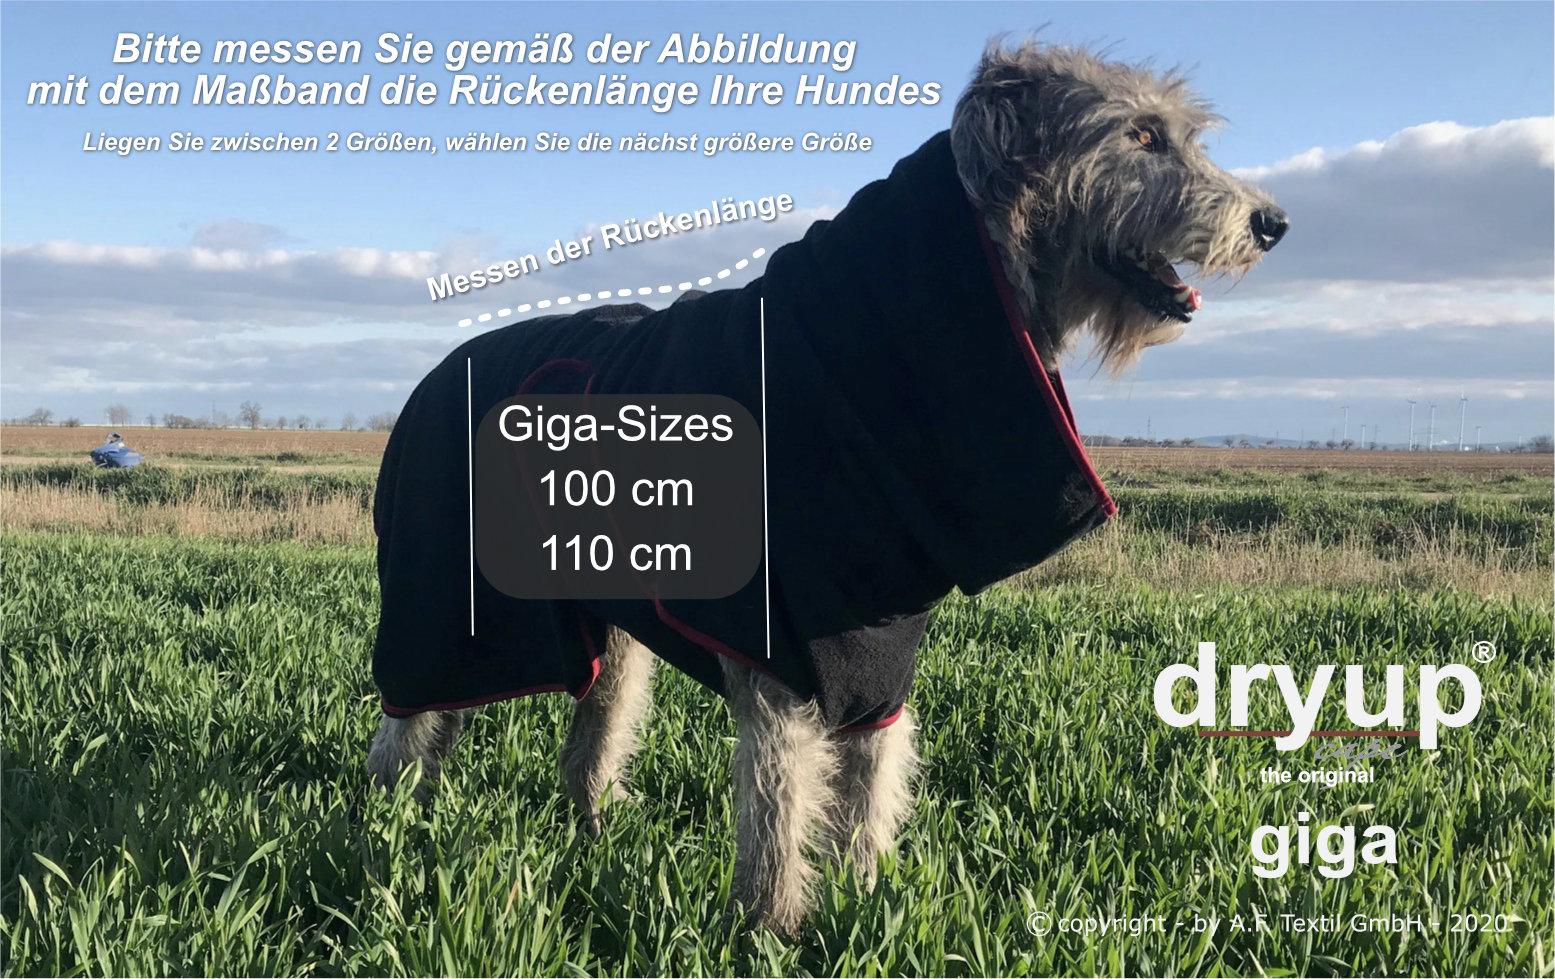 dryup-cape-GIGA-sizing